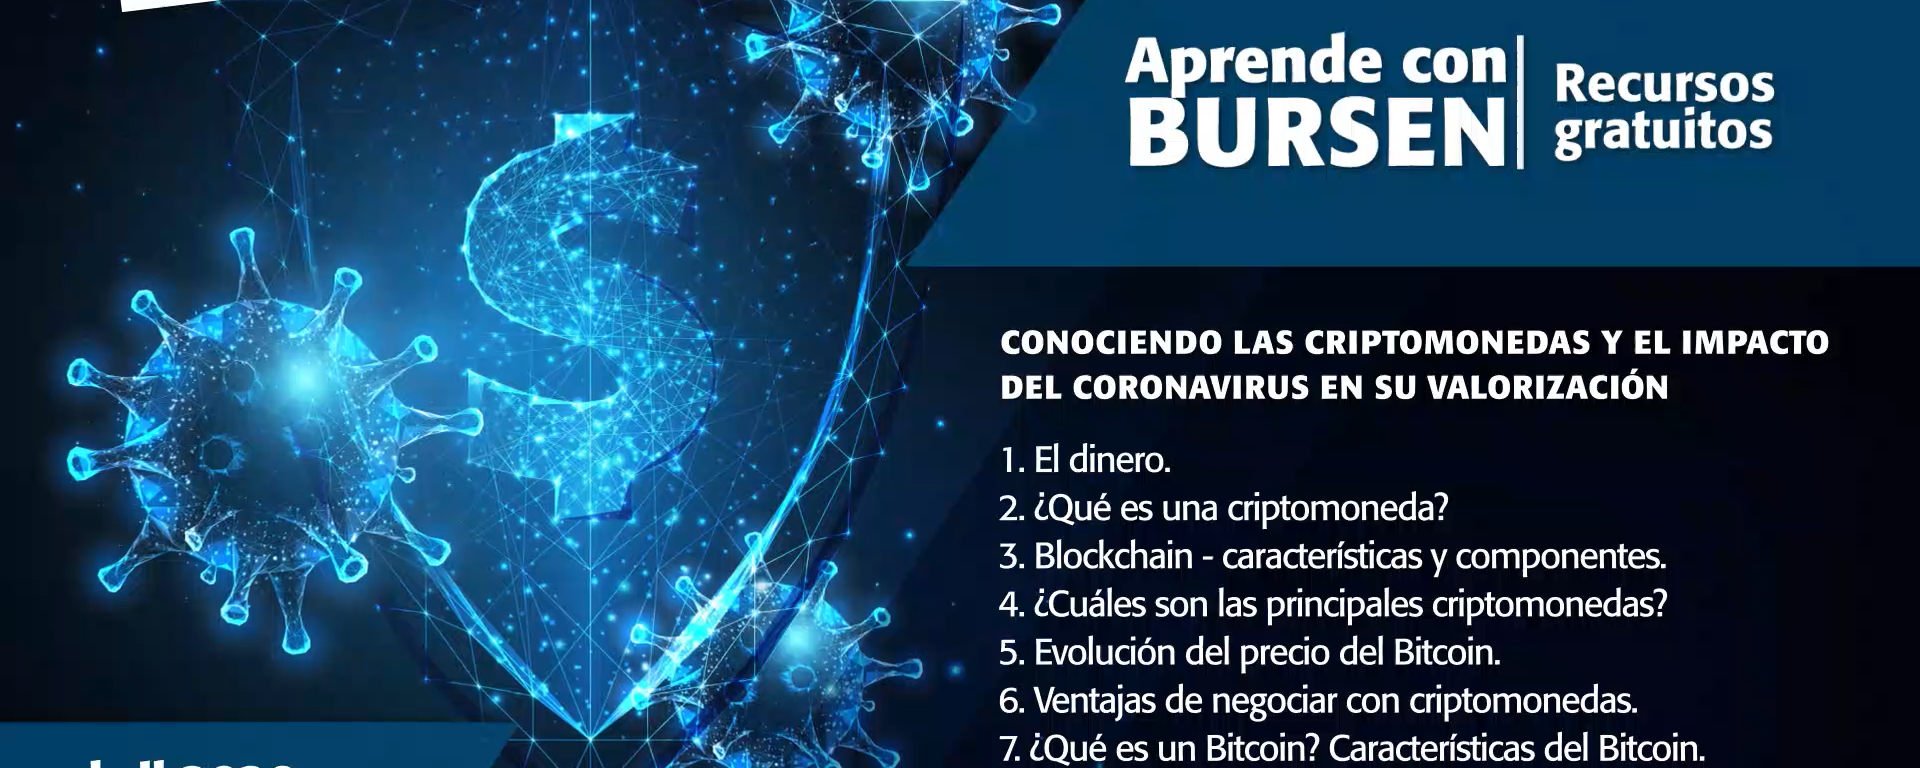 """Open BURSEN-Charla Gratuita: """"Conociendo las Criptomonedas y el impacto del Coronavirus en su valorización"""""""